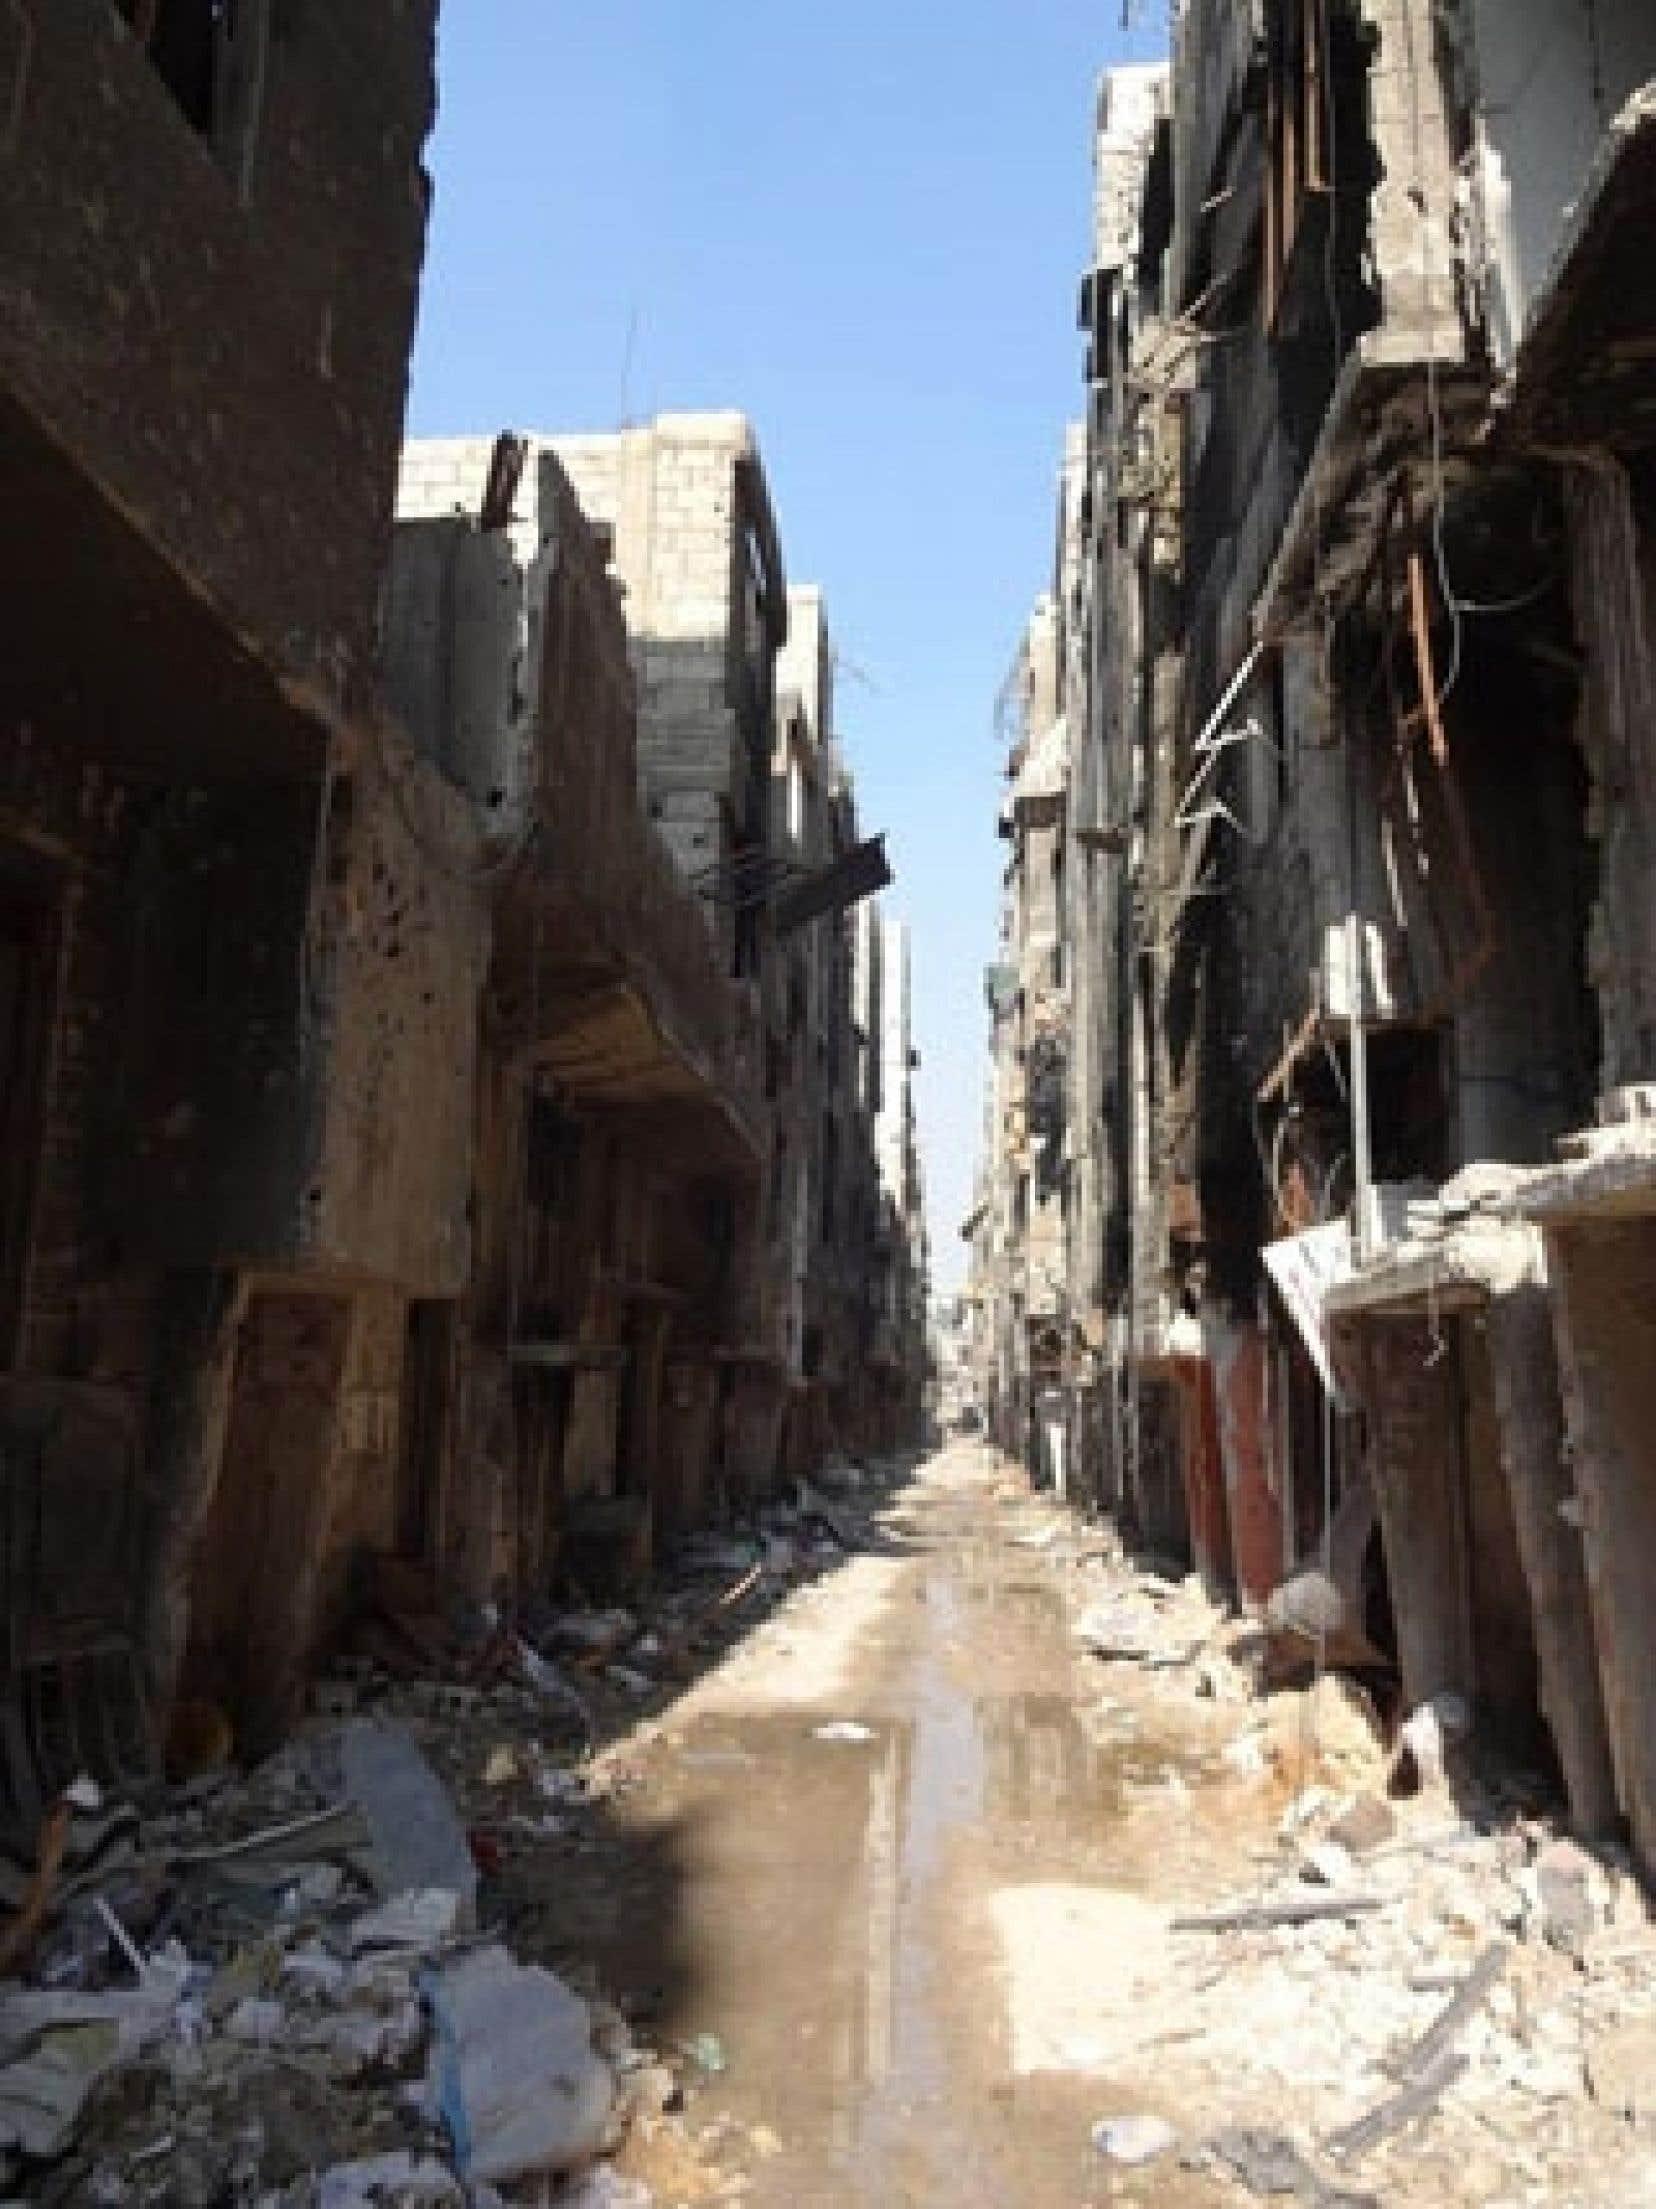 Une rue de Yarmouk photographiée le 21 janvier dernier par l'agence de l'ONU pour l'aide aux réfugiés palestiniens (UNWRA).